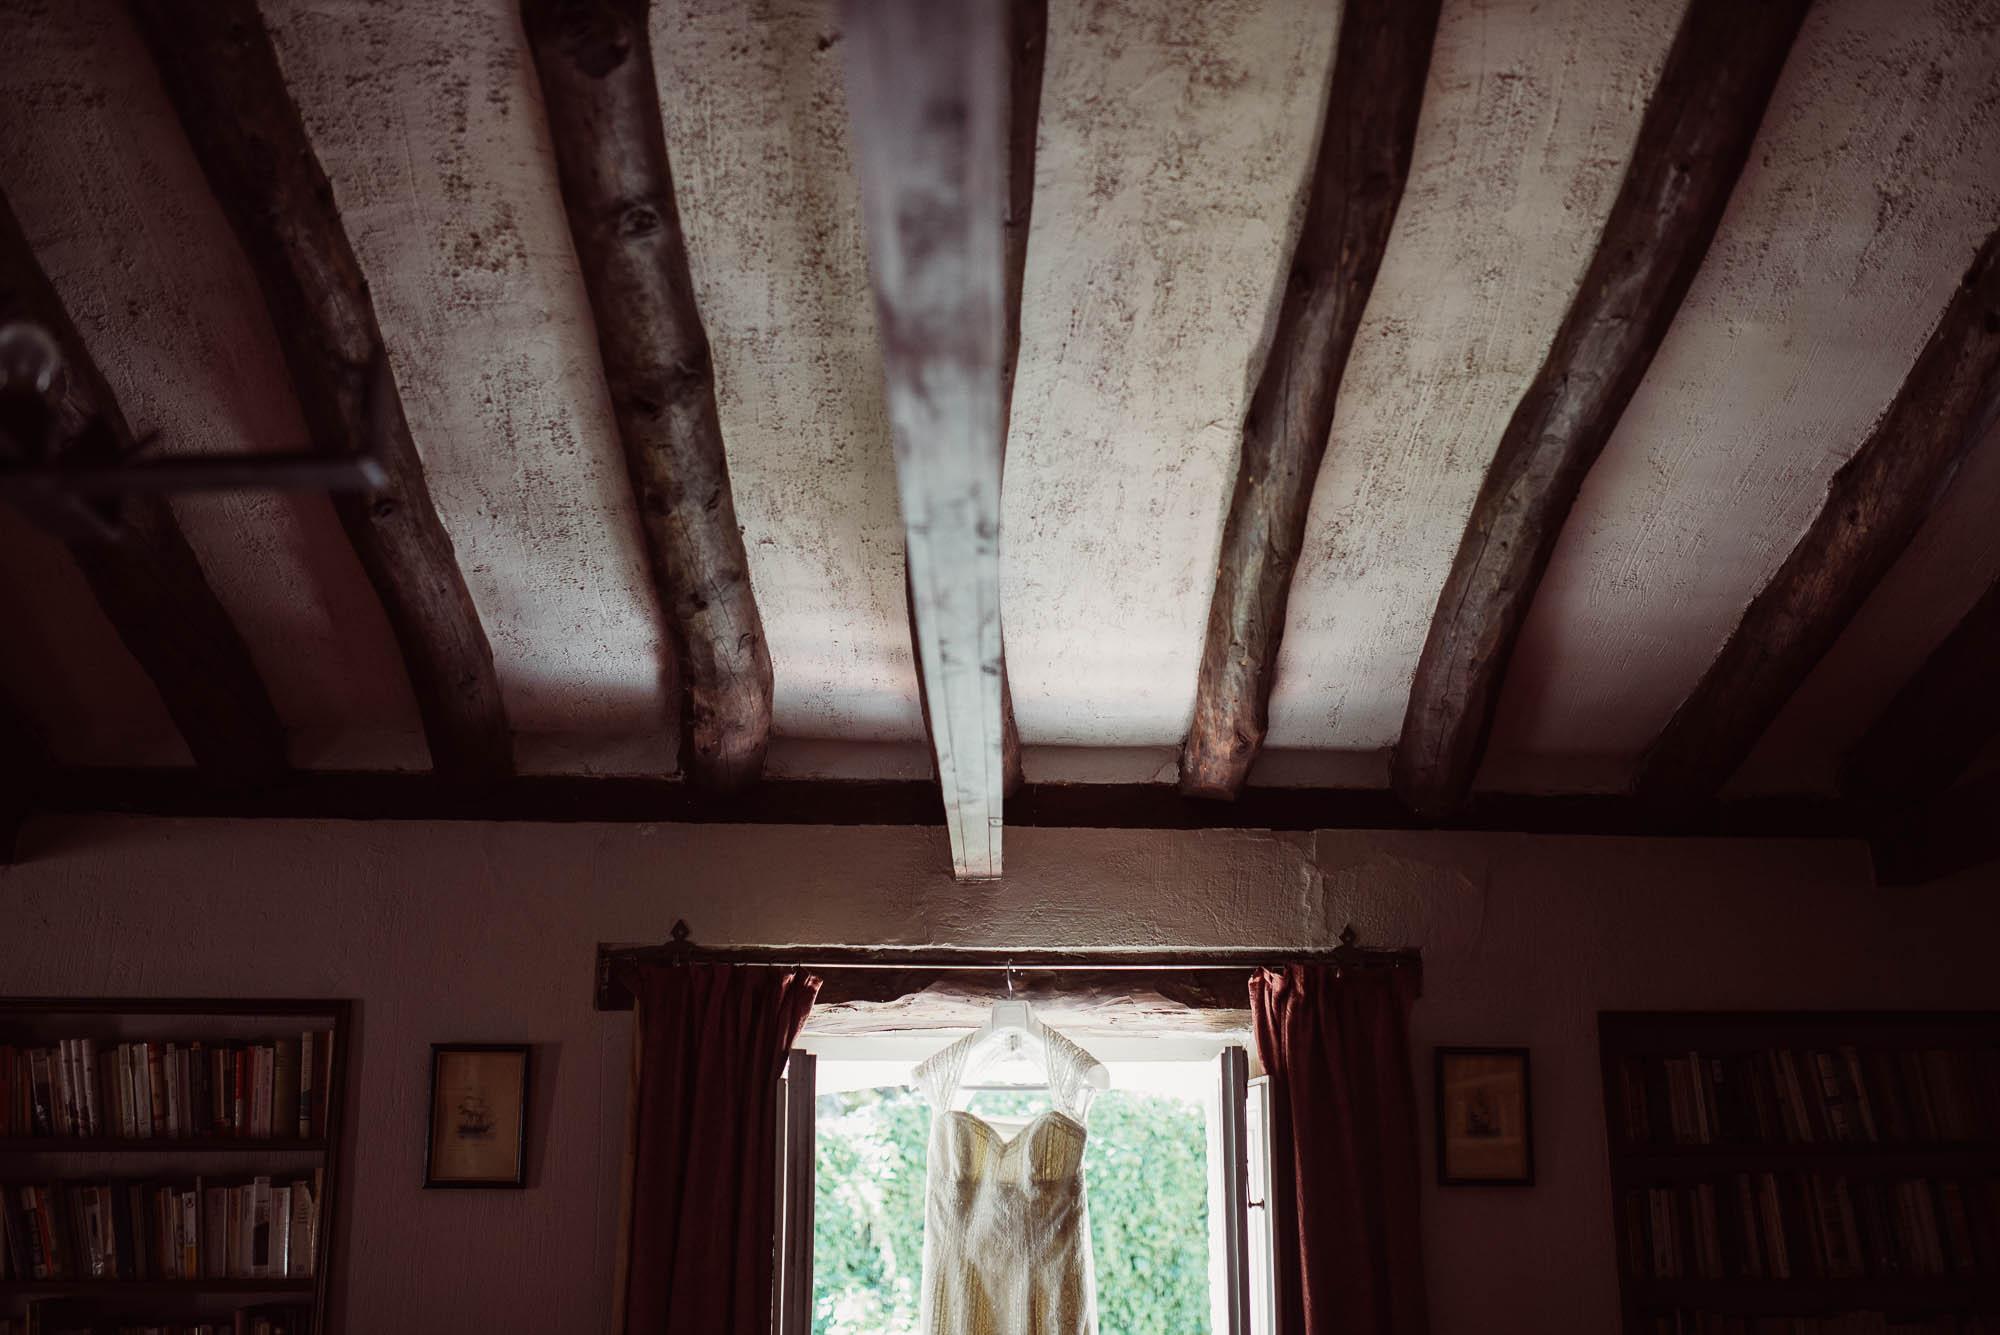 El vestido de la novia colgado en la ventana de la casa rural